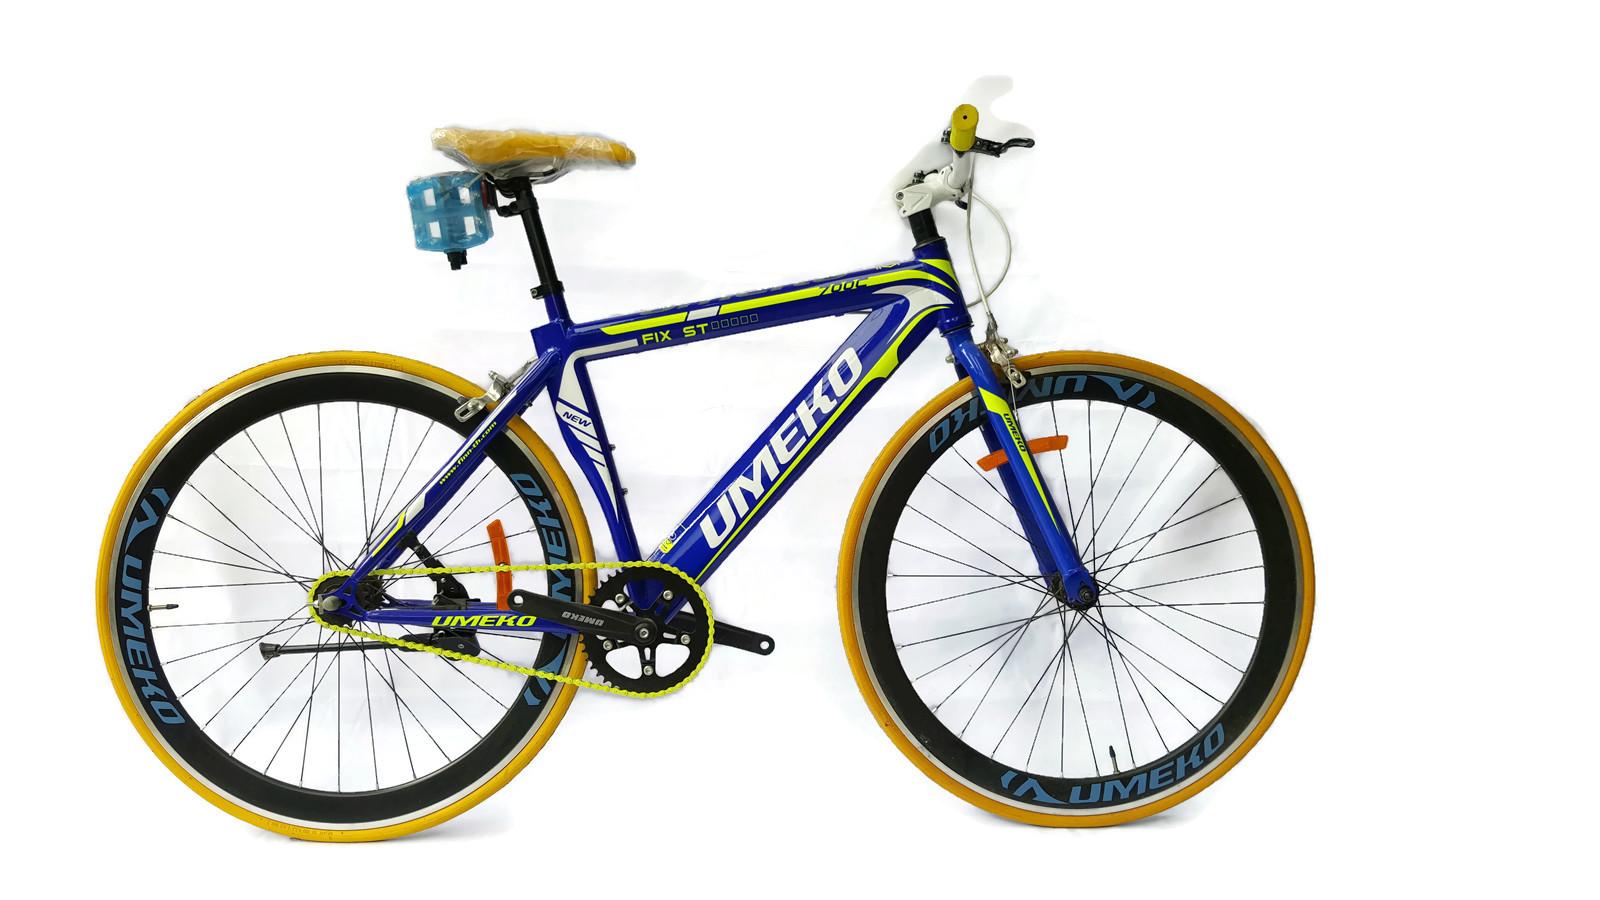 จักรยานฟิกเกียร์ UMEKO FIX ST ขอบสูง เฟรมเหล็ก Aero 2016